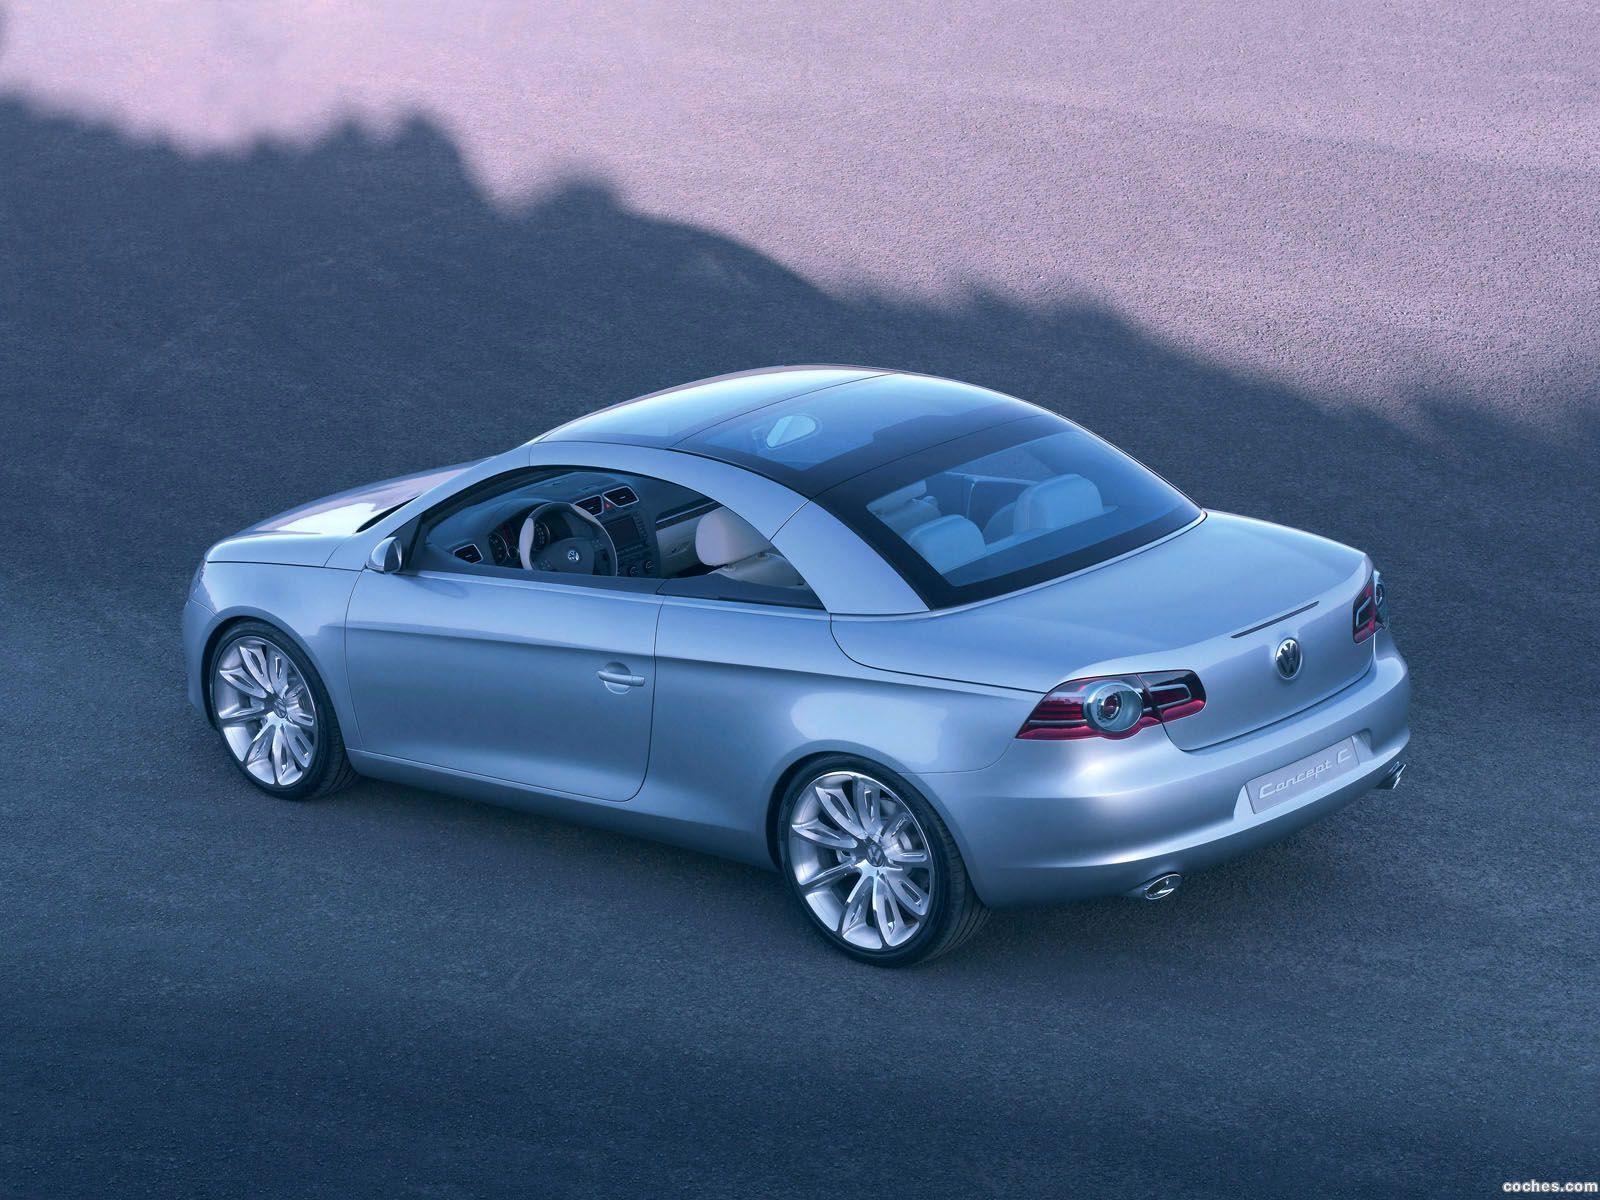 Foto 1 de Volkswagen Concept C 2004